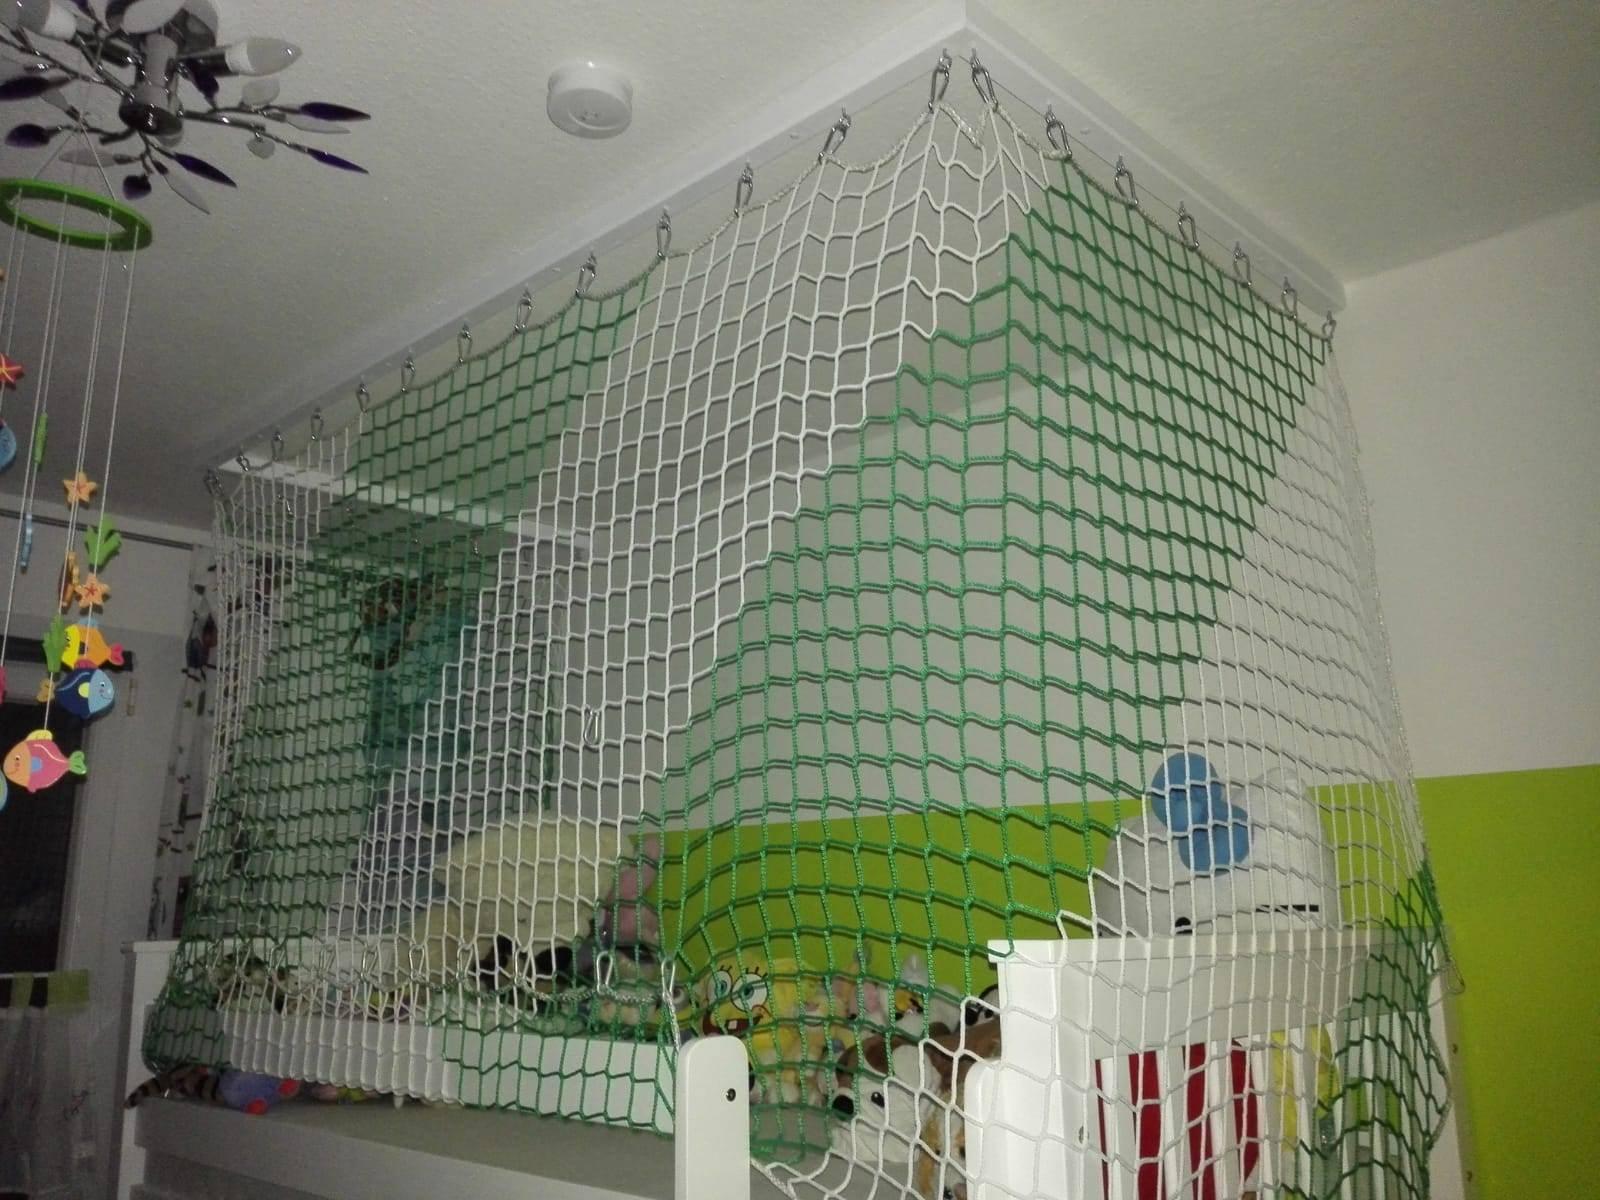 Wohnwagen Mit Etagenbett Nrw : Absturzsicherung stockbett wohnwagen bundeswehr bw bett stapelbar